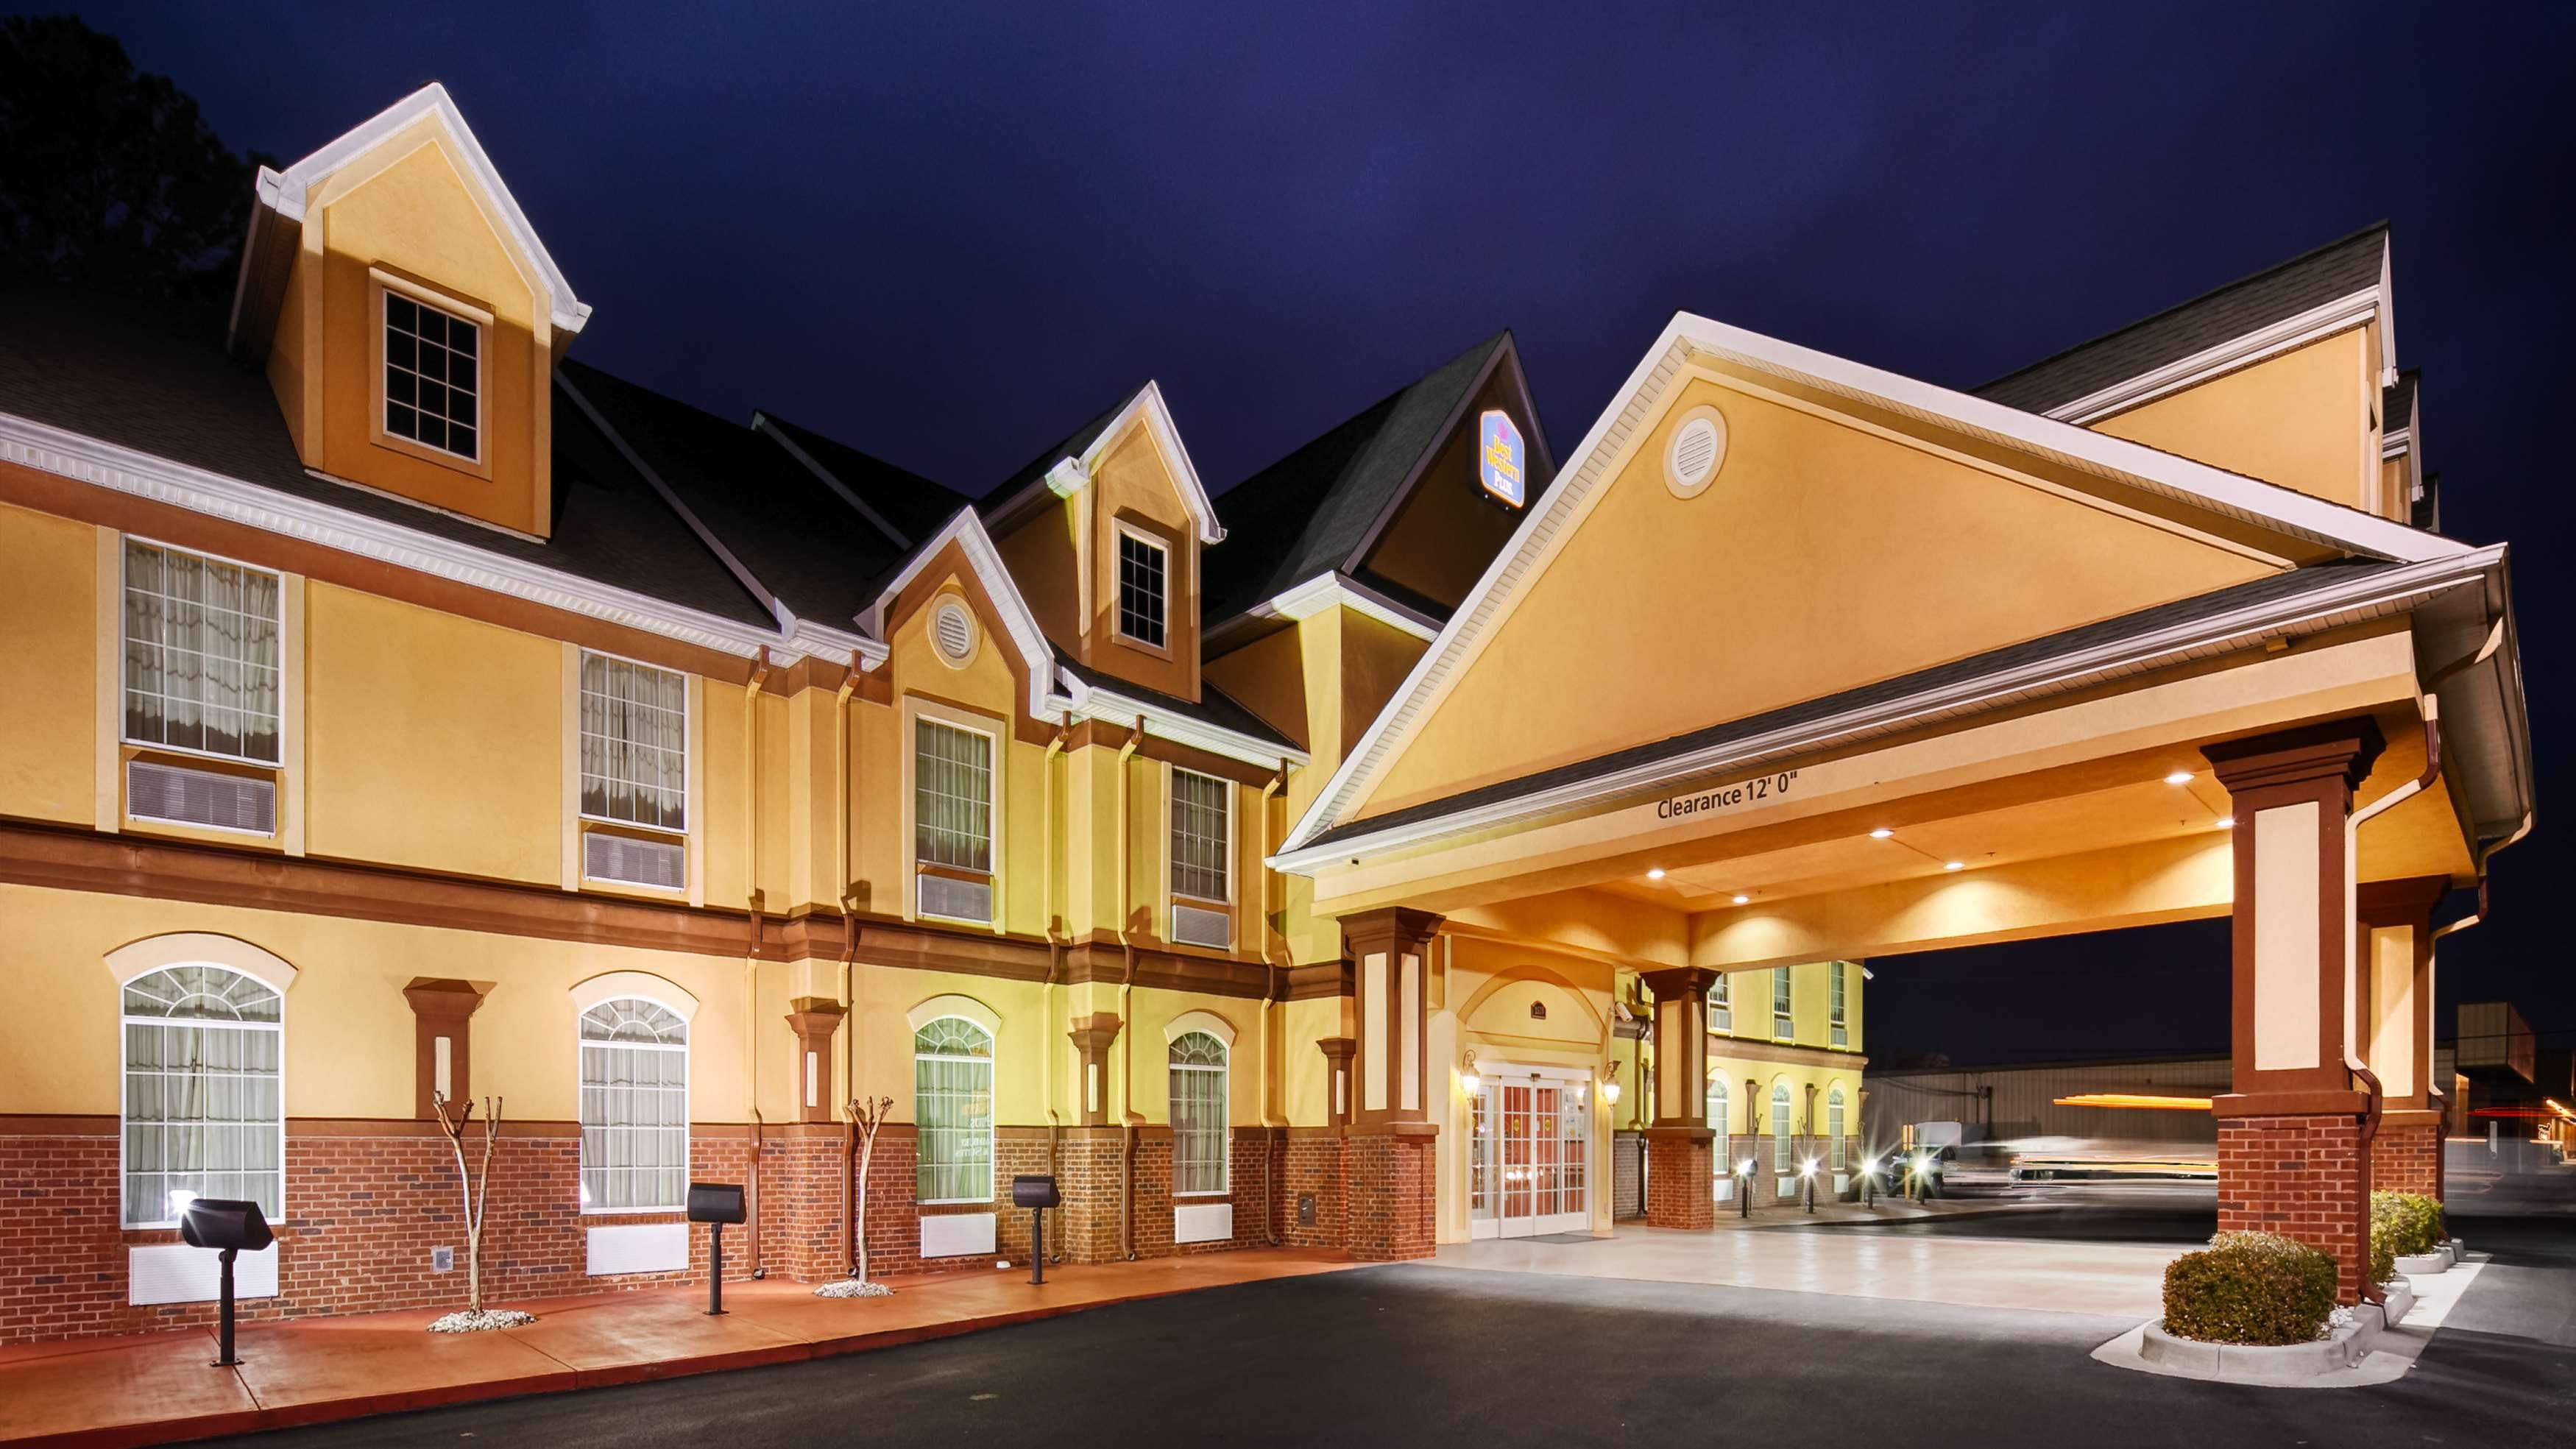 Best Western Plus Bradbury Inn & Suites image 0